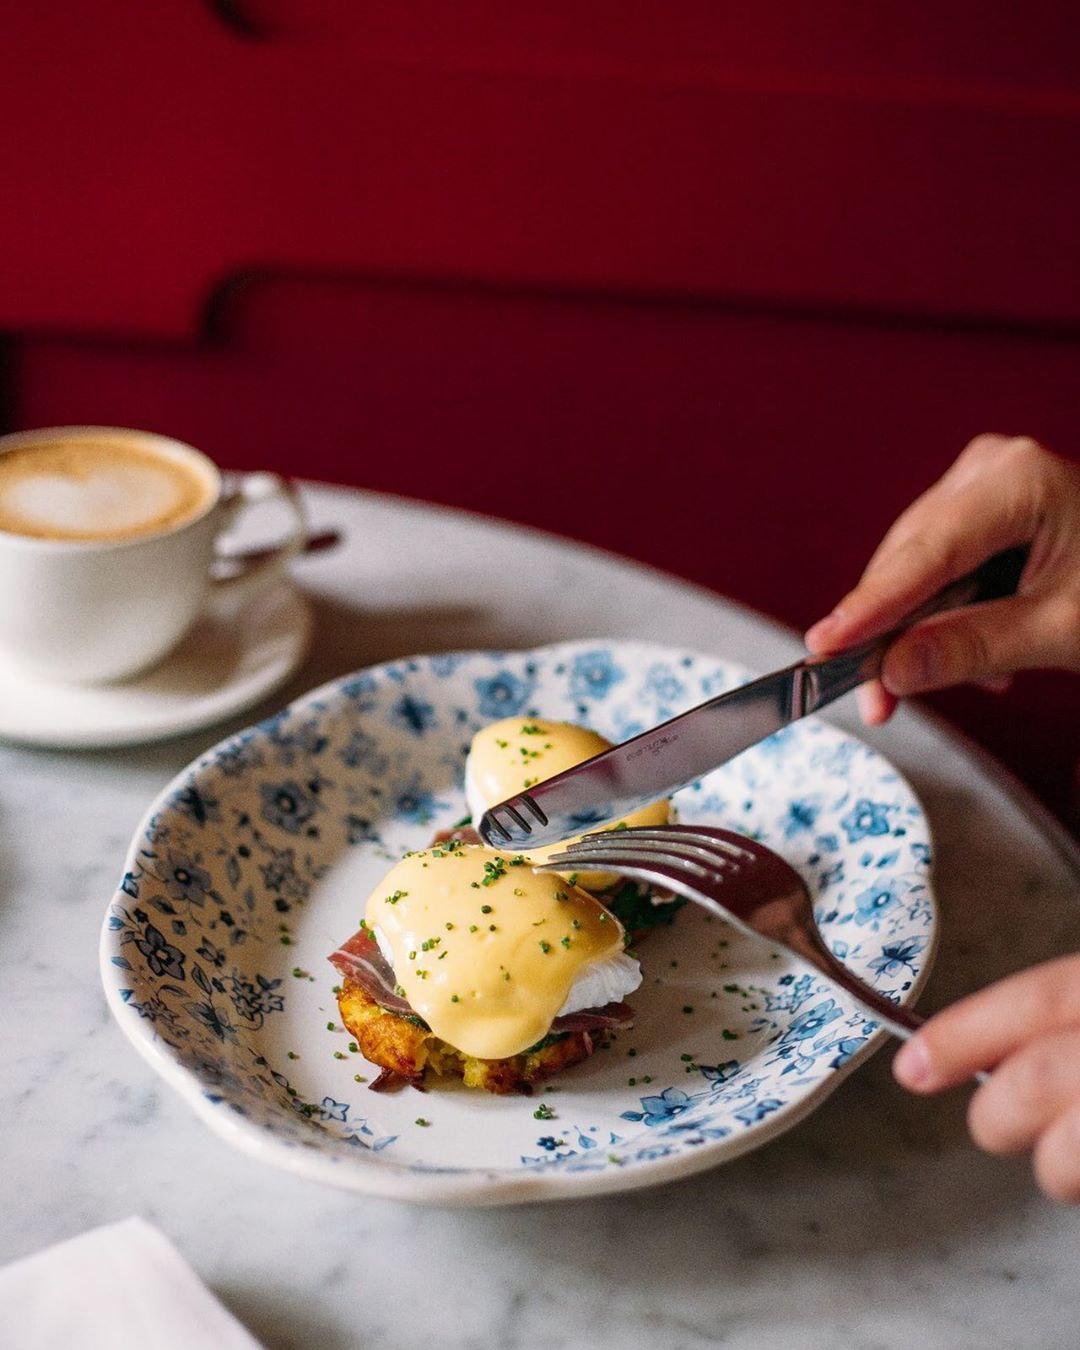 Яйца Бенедикт на хрустящих драниках с ветчиной Сан Даниэле в ресторане Saxon + Parole